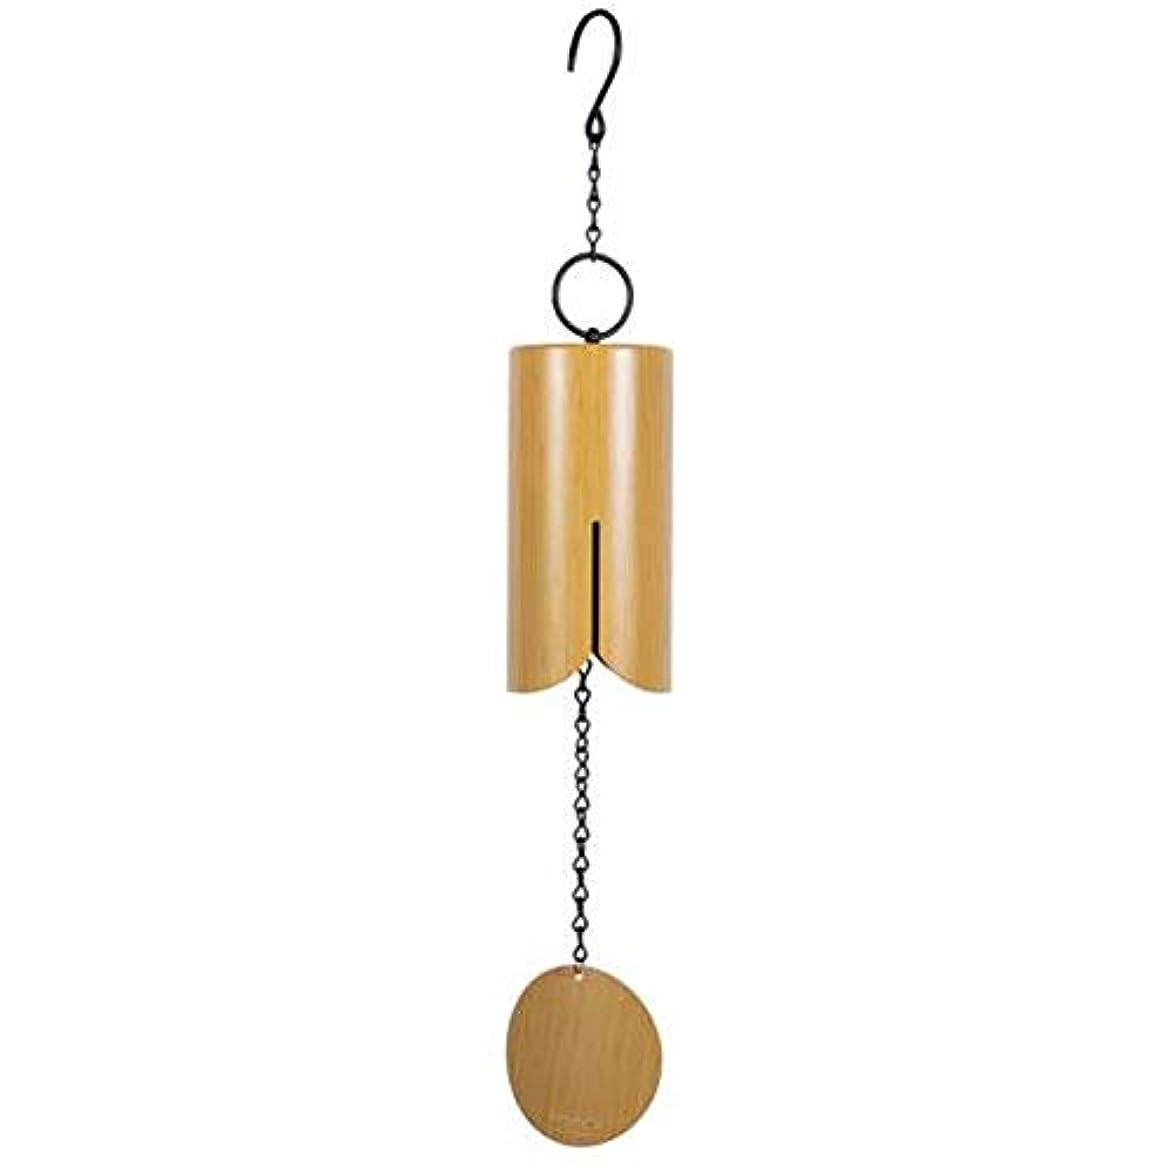 麻痺ゼロニンニクJingfengtongxun 風チャイム、アイアンレトロクリエイティブ風の鐘、ブラック、全身について76センチメートル,スタイリッシュなホリデーギフト (Color : Natural)